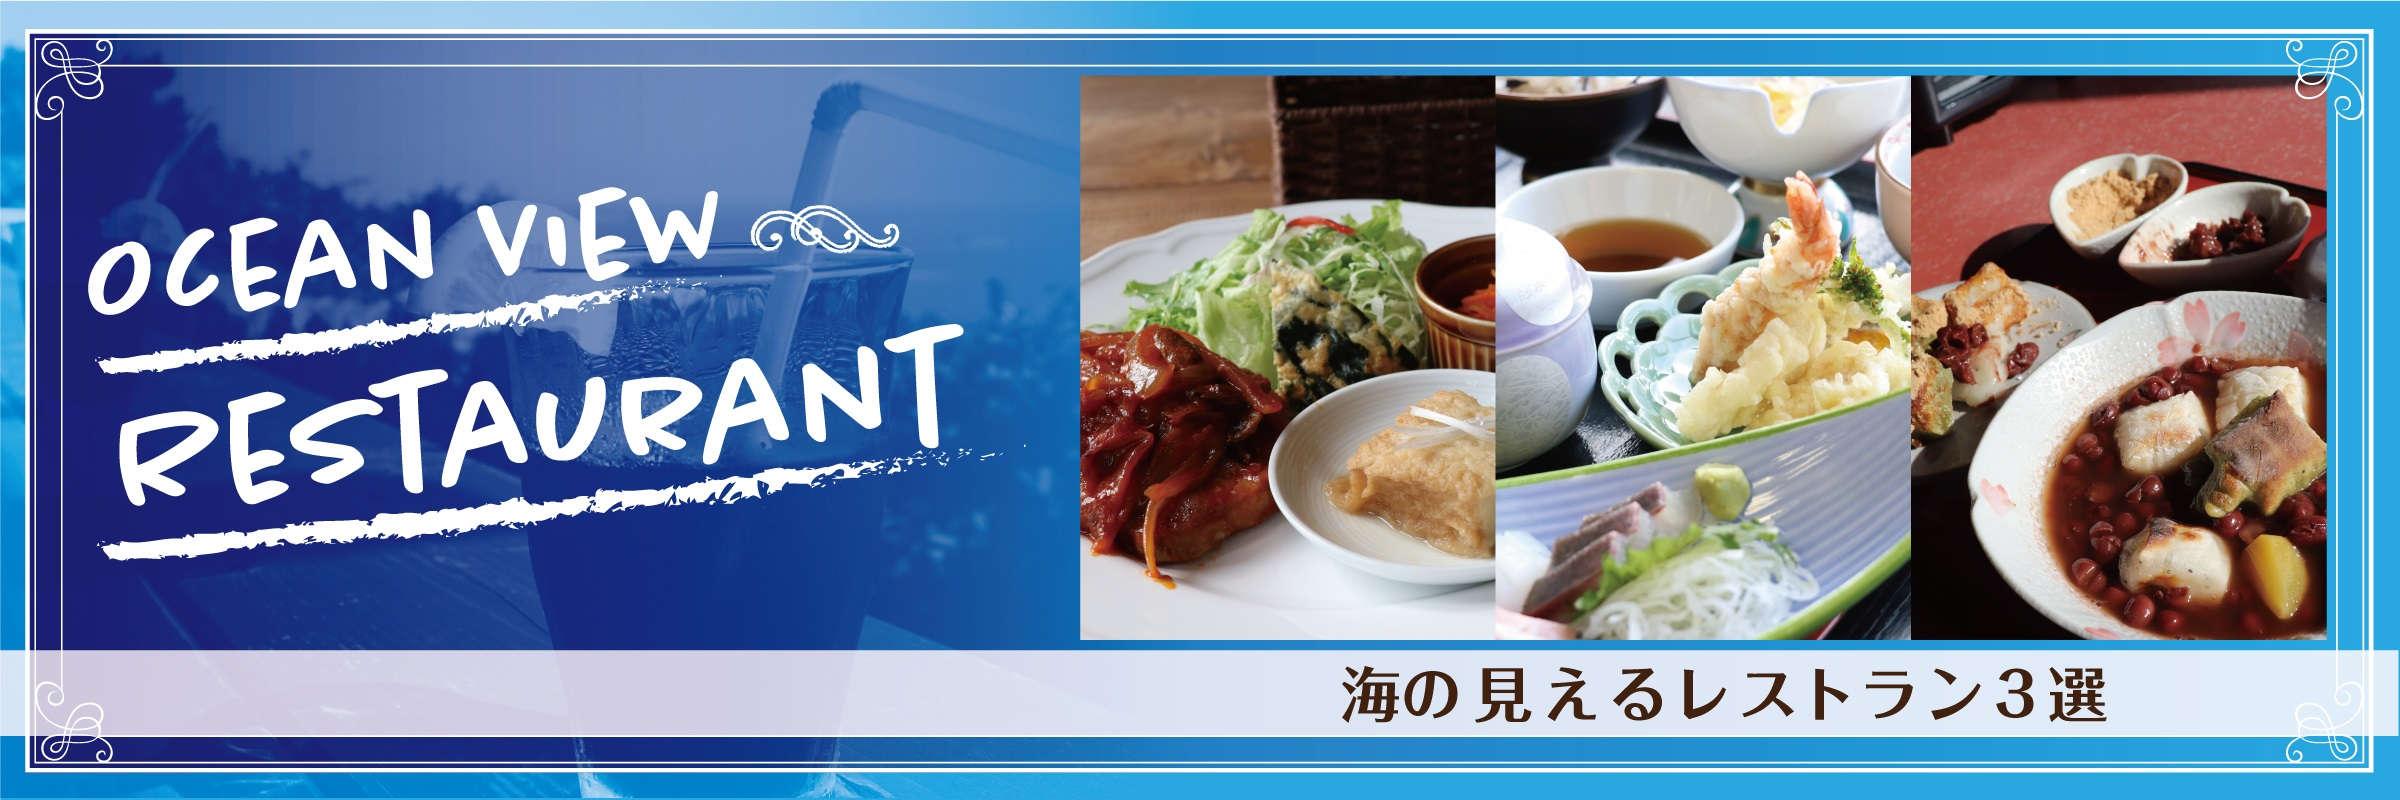 瀬戸内海の見える おすすめレストラン&カフェ3選 たつの市